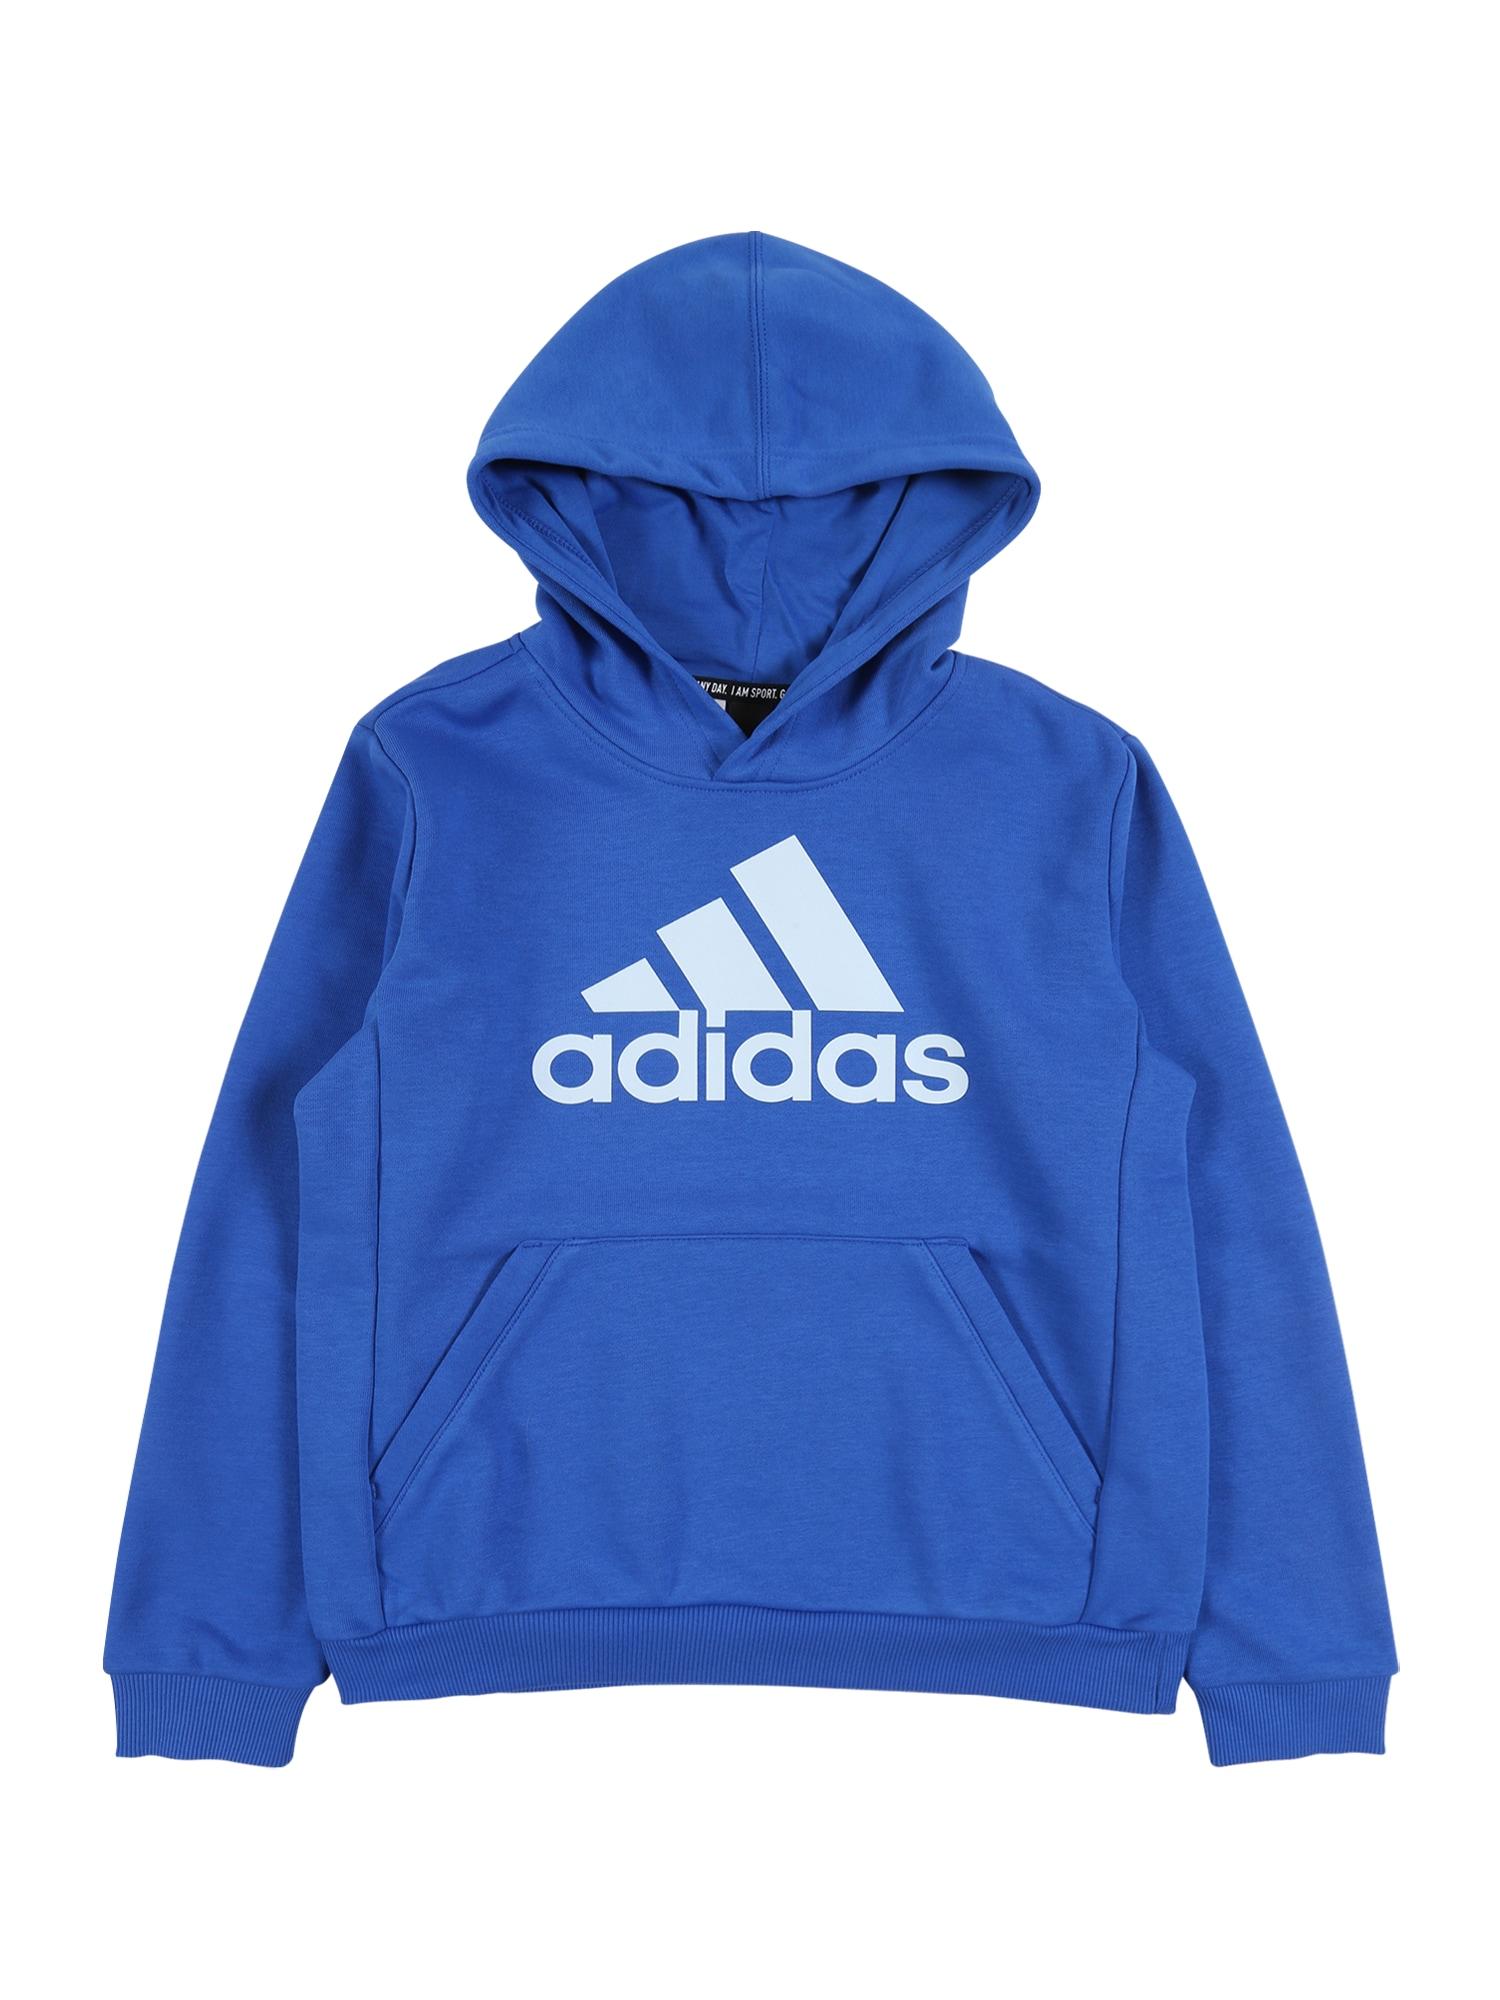 ADIDAS PERFORMANCE Sportinio tipo megztinis 'YB MH BOS PO' kobalto mėlyna / balta